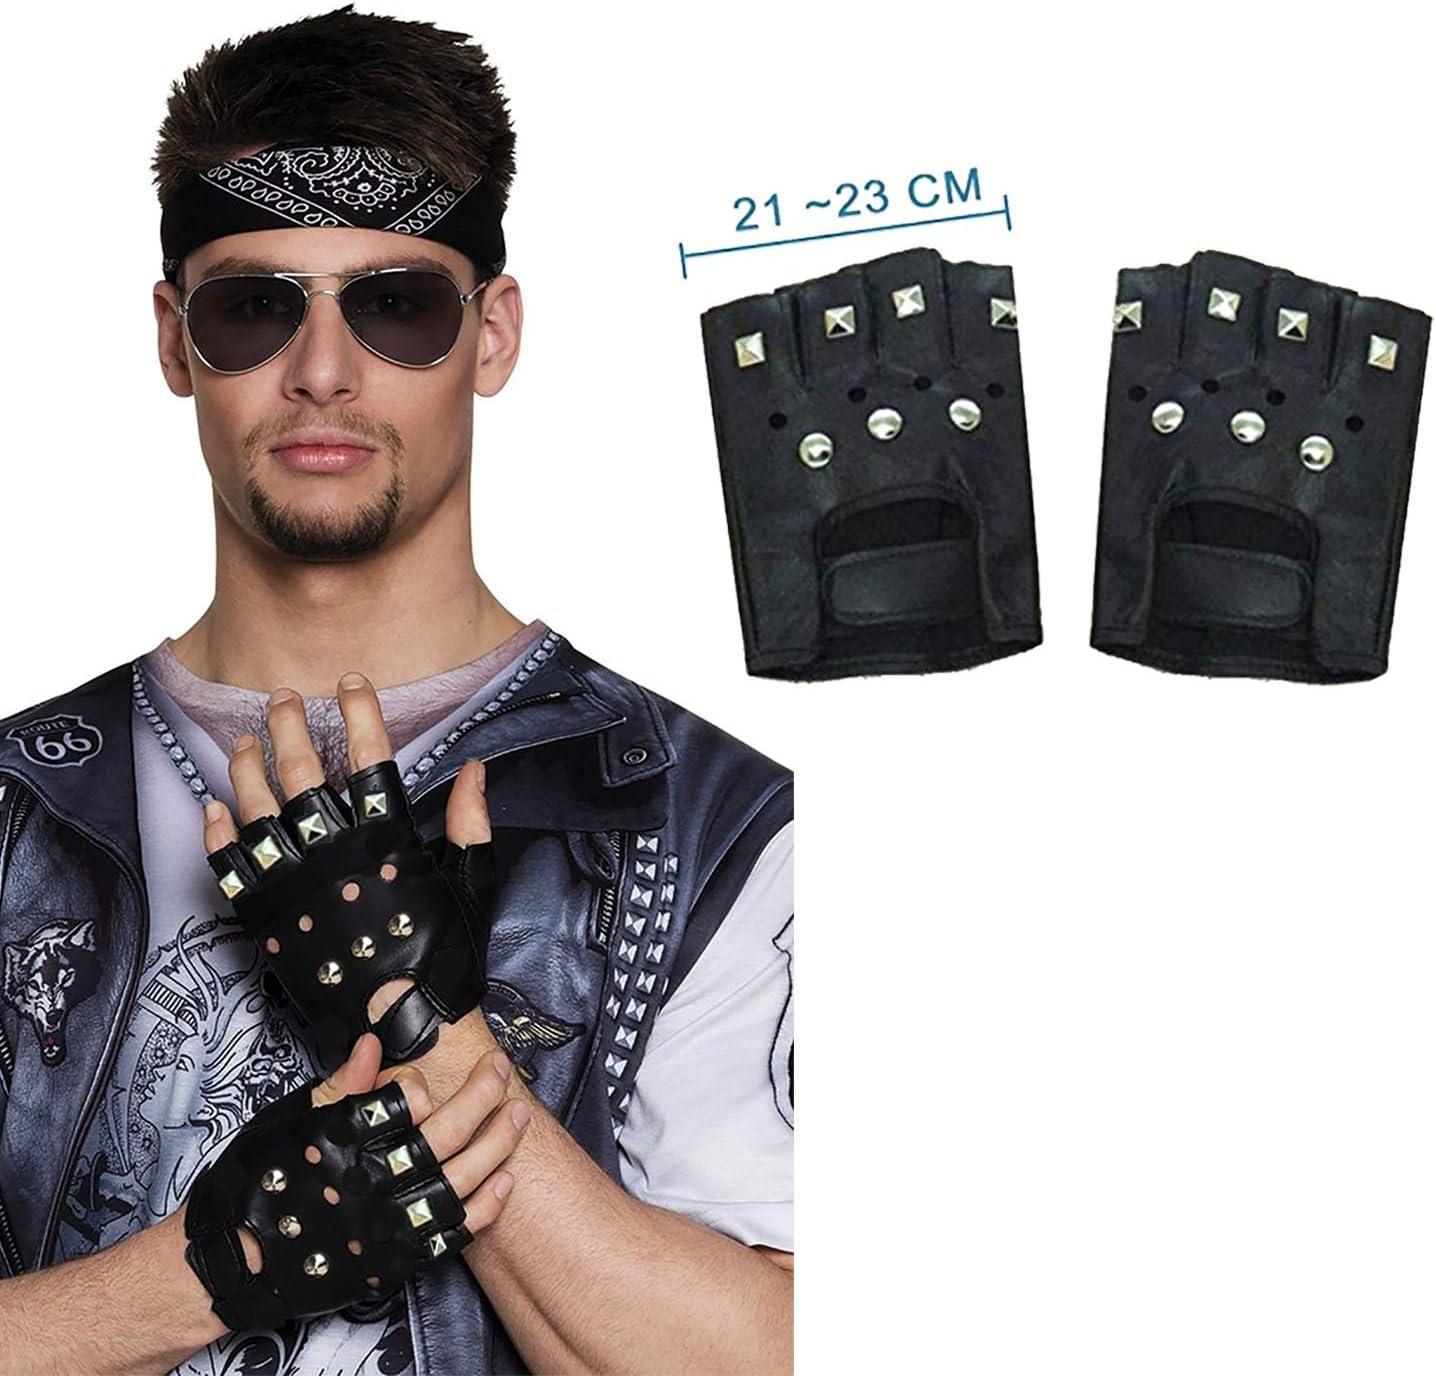 Adulti Nero Argento con borchie punk anni/'80 Costume Accessorio Girocollo ba185